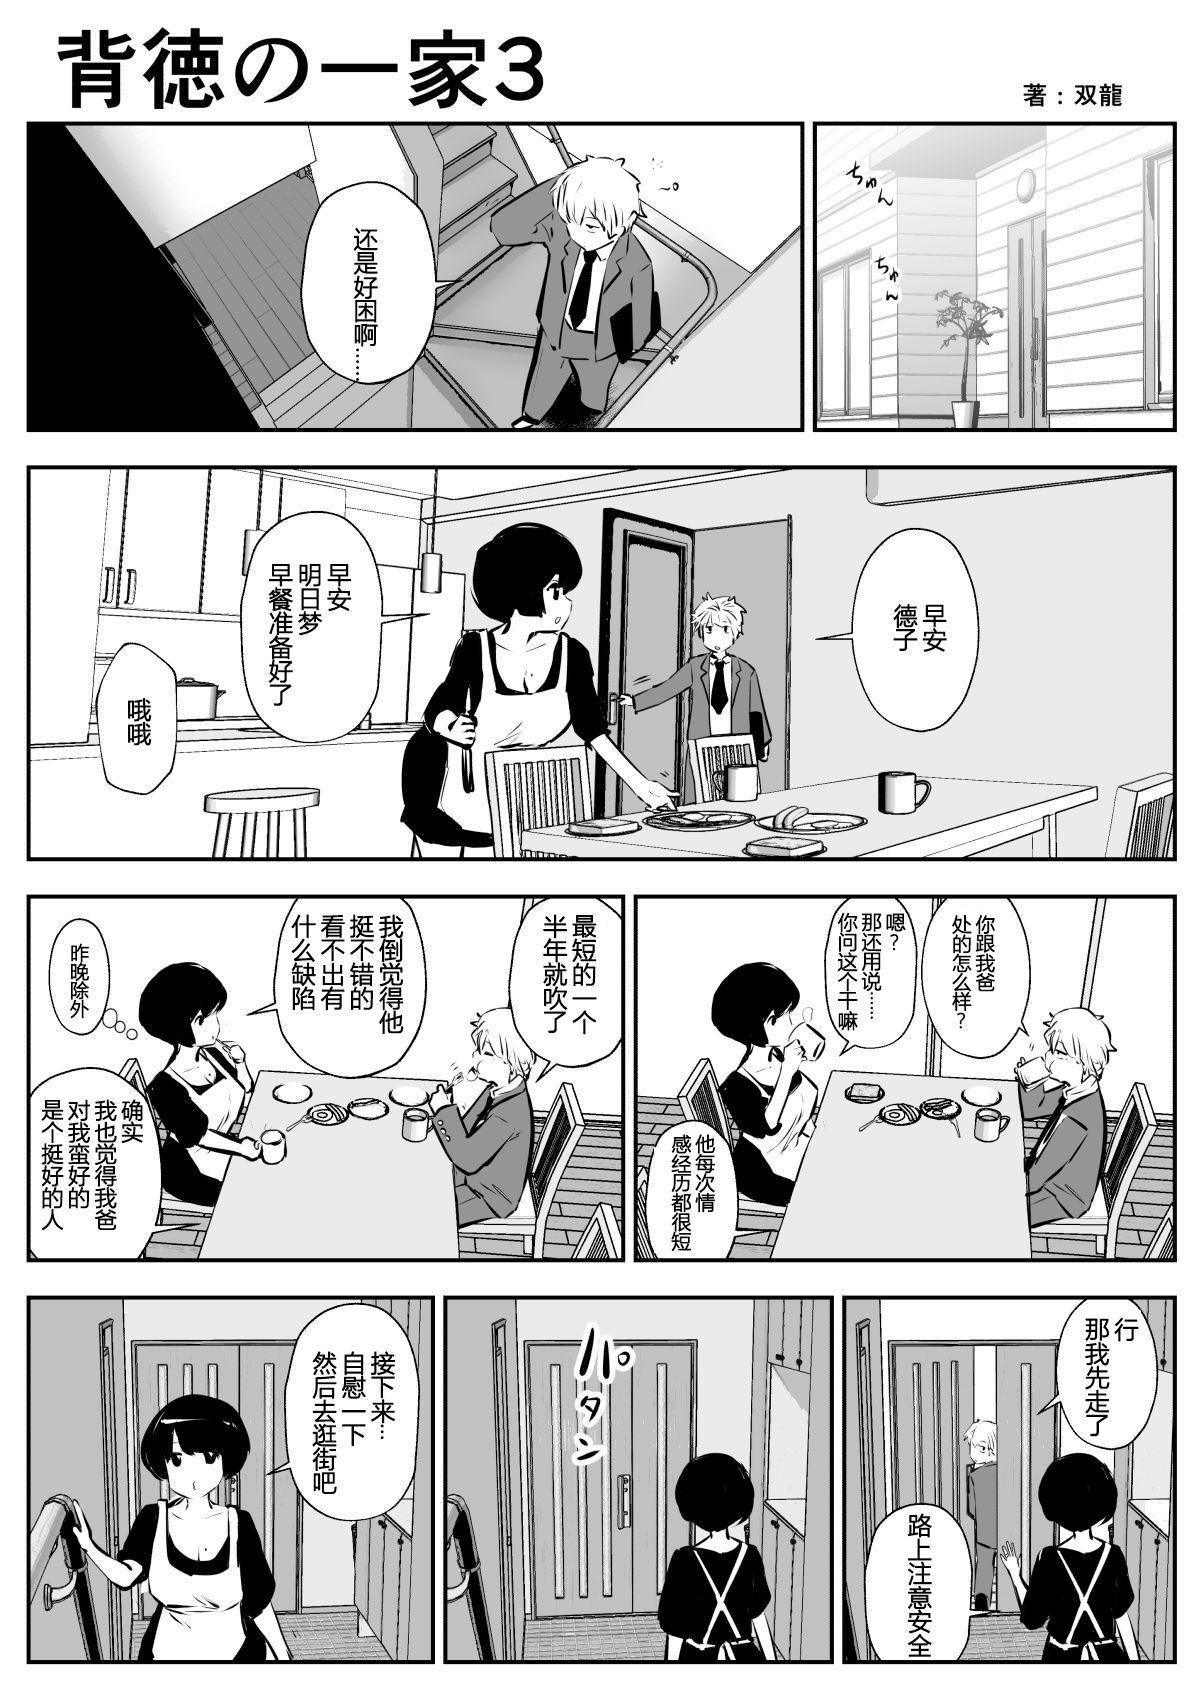 Haitoku no Ikka背德的一家 1-14 3